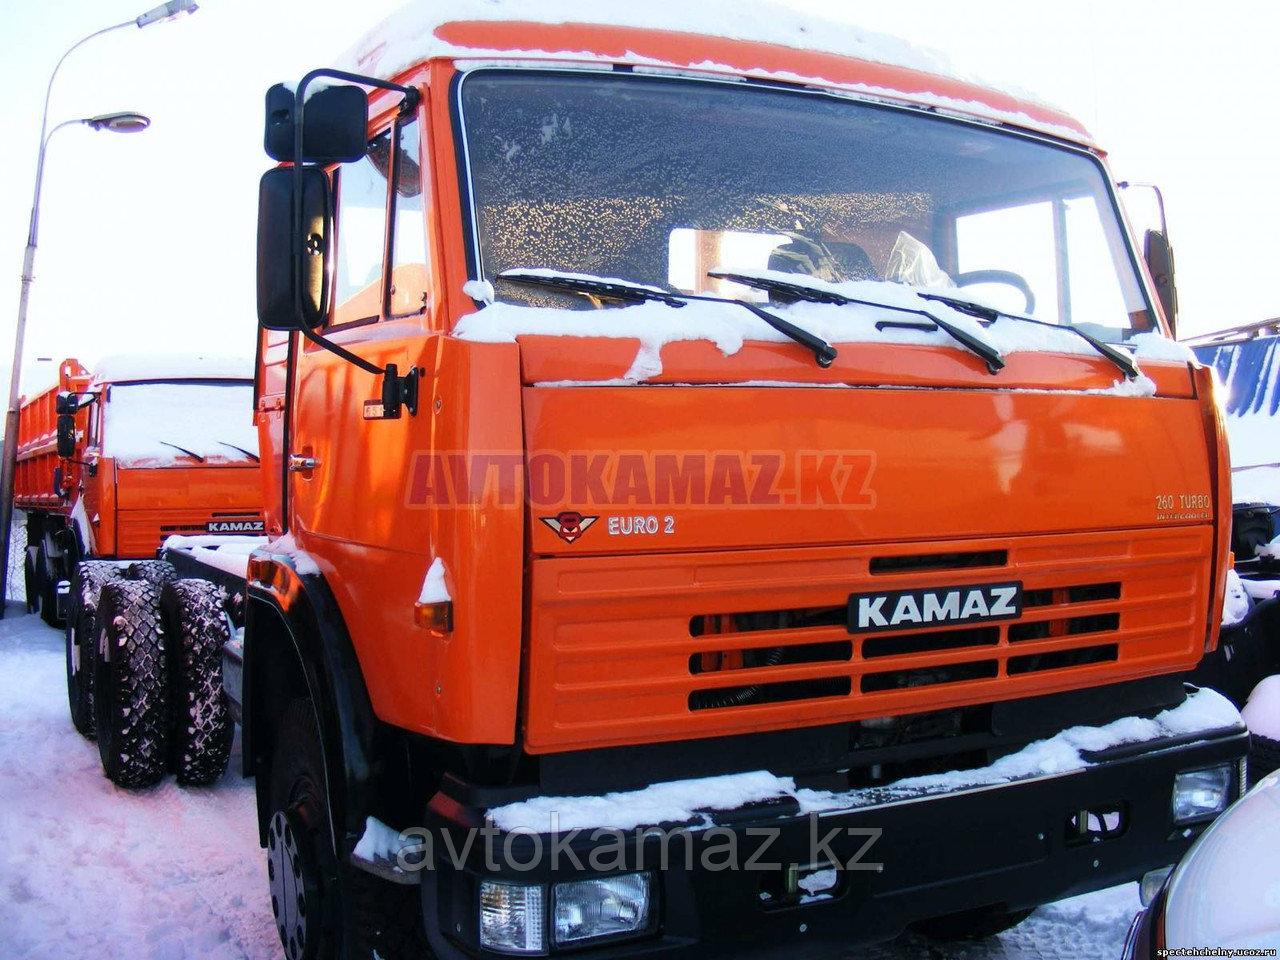 Шасси КамАЗ 53229-1963-15 (2016 г.)